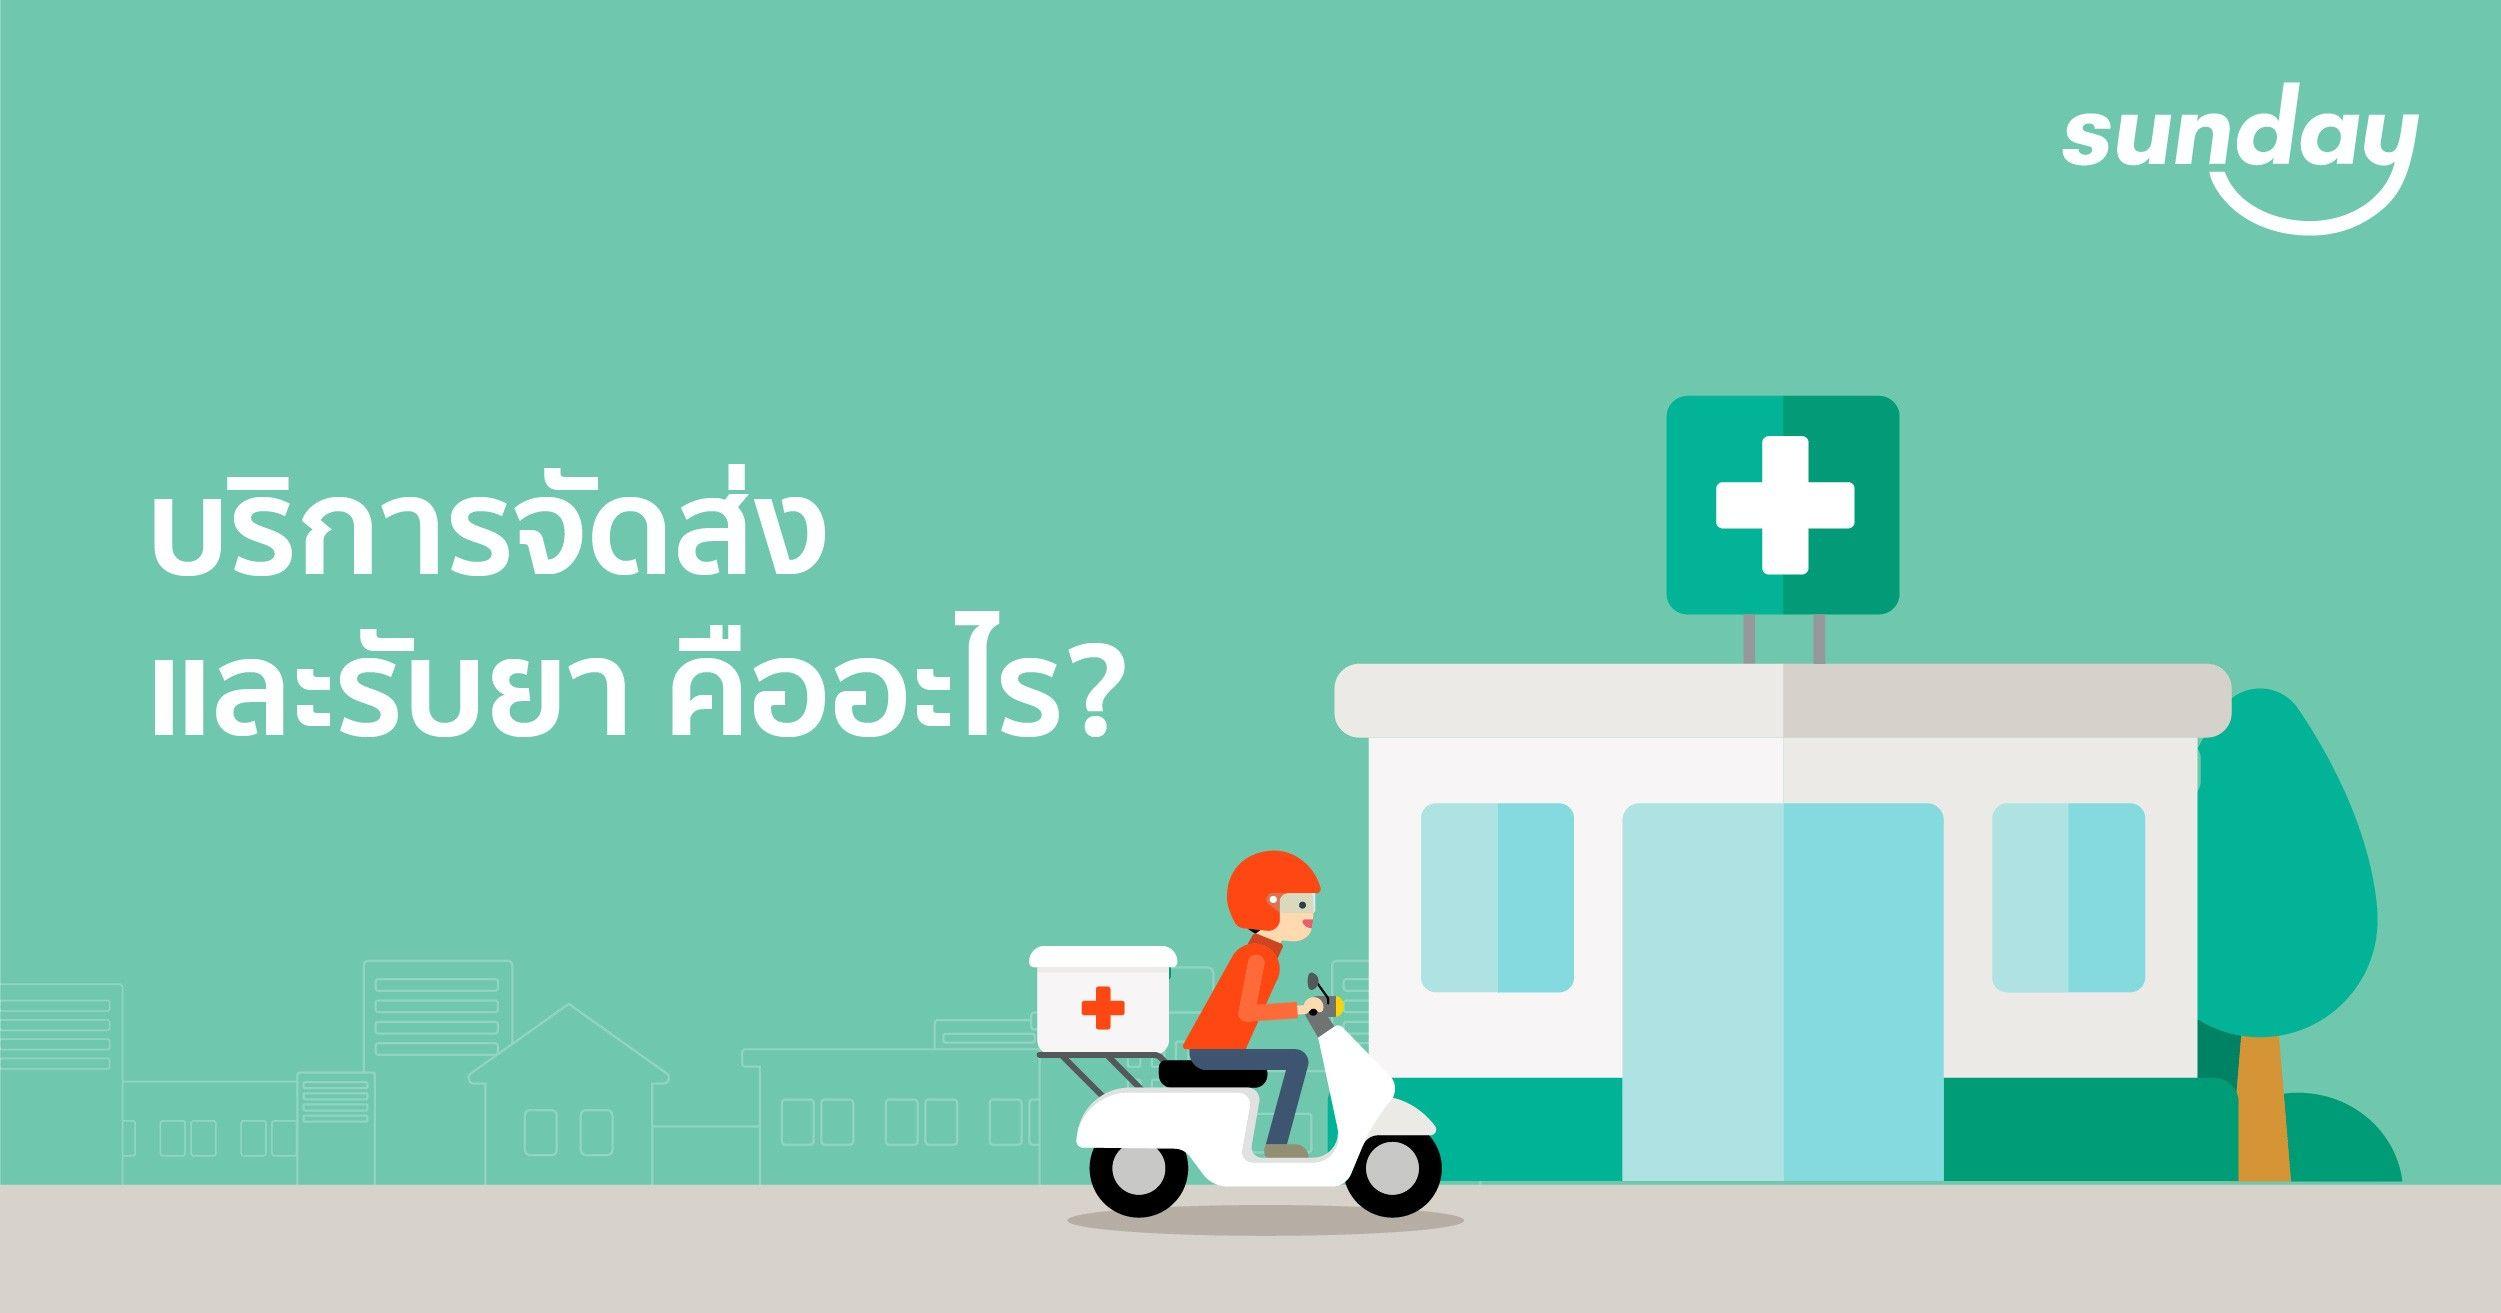 บริการจัดส่งและรับยา (Drug delivery & pick up) คืออะไร?